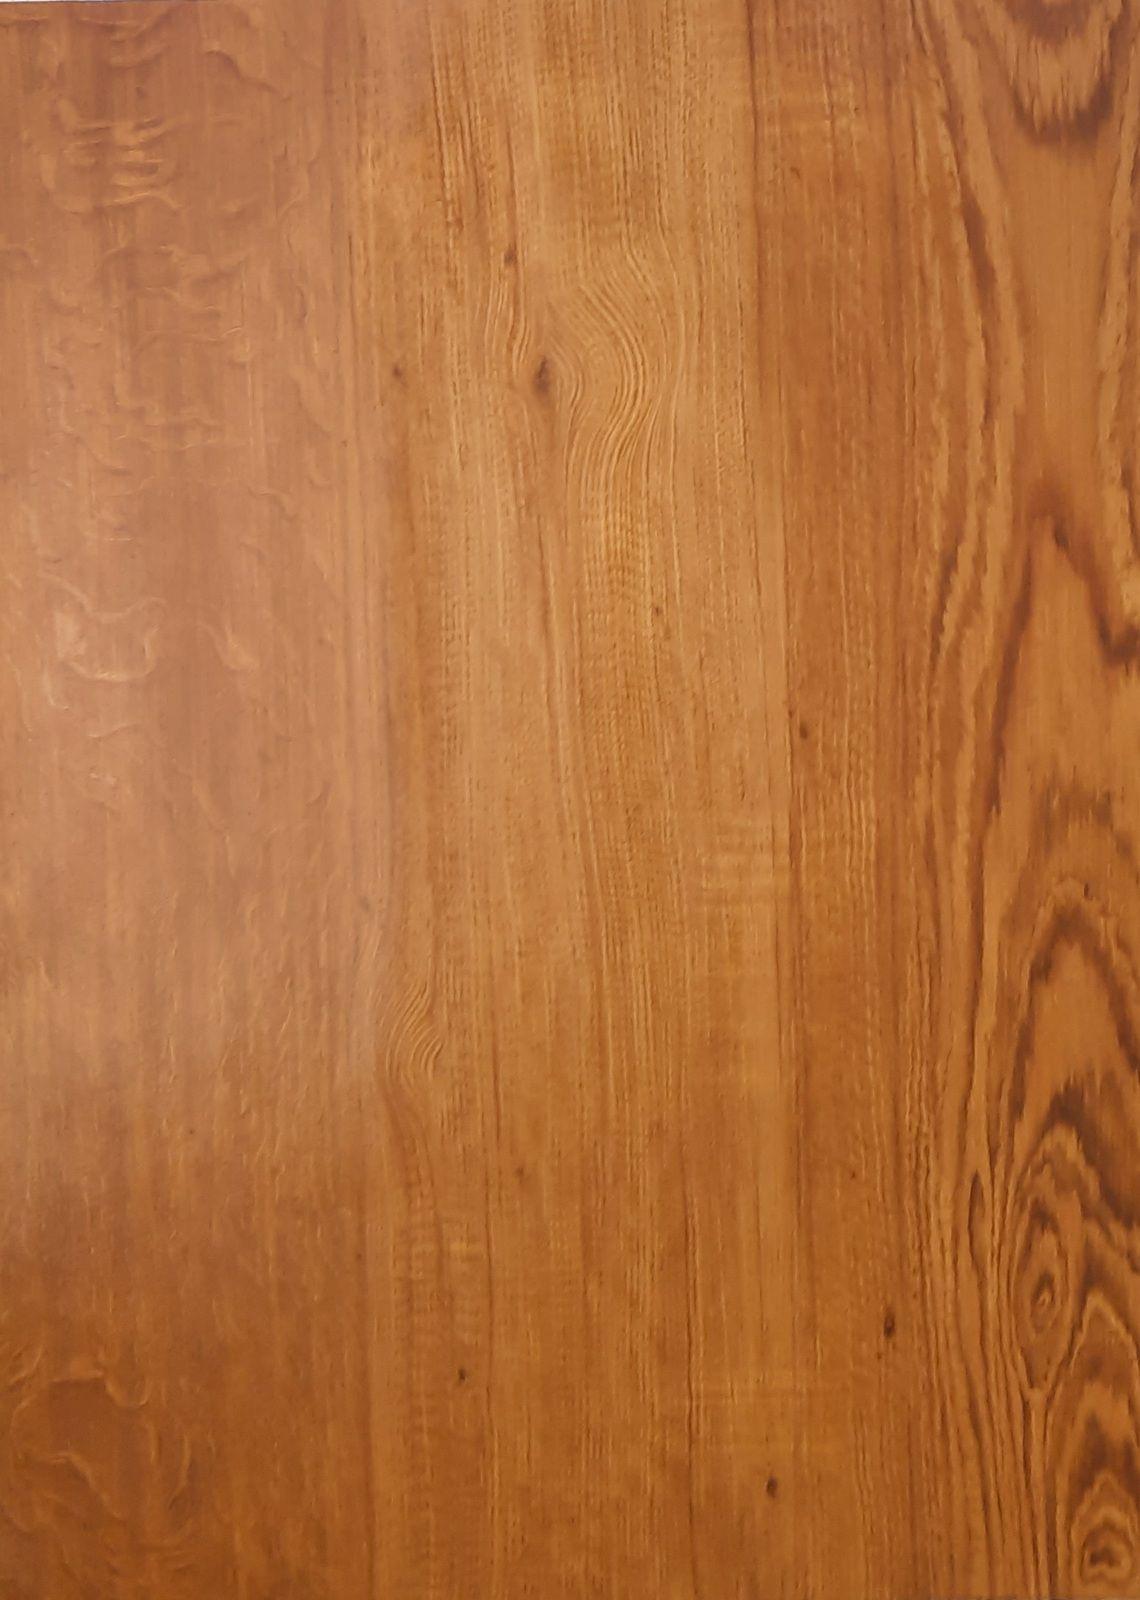 Créartaly, faux bois, parquet